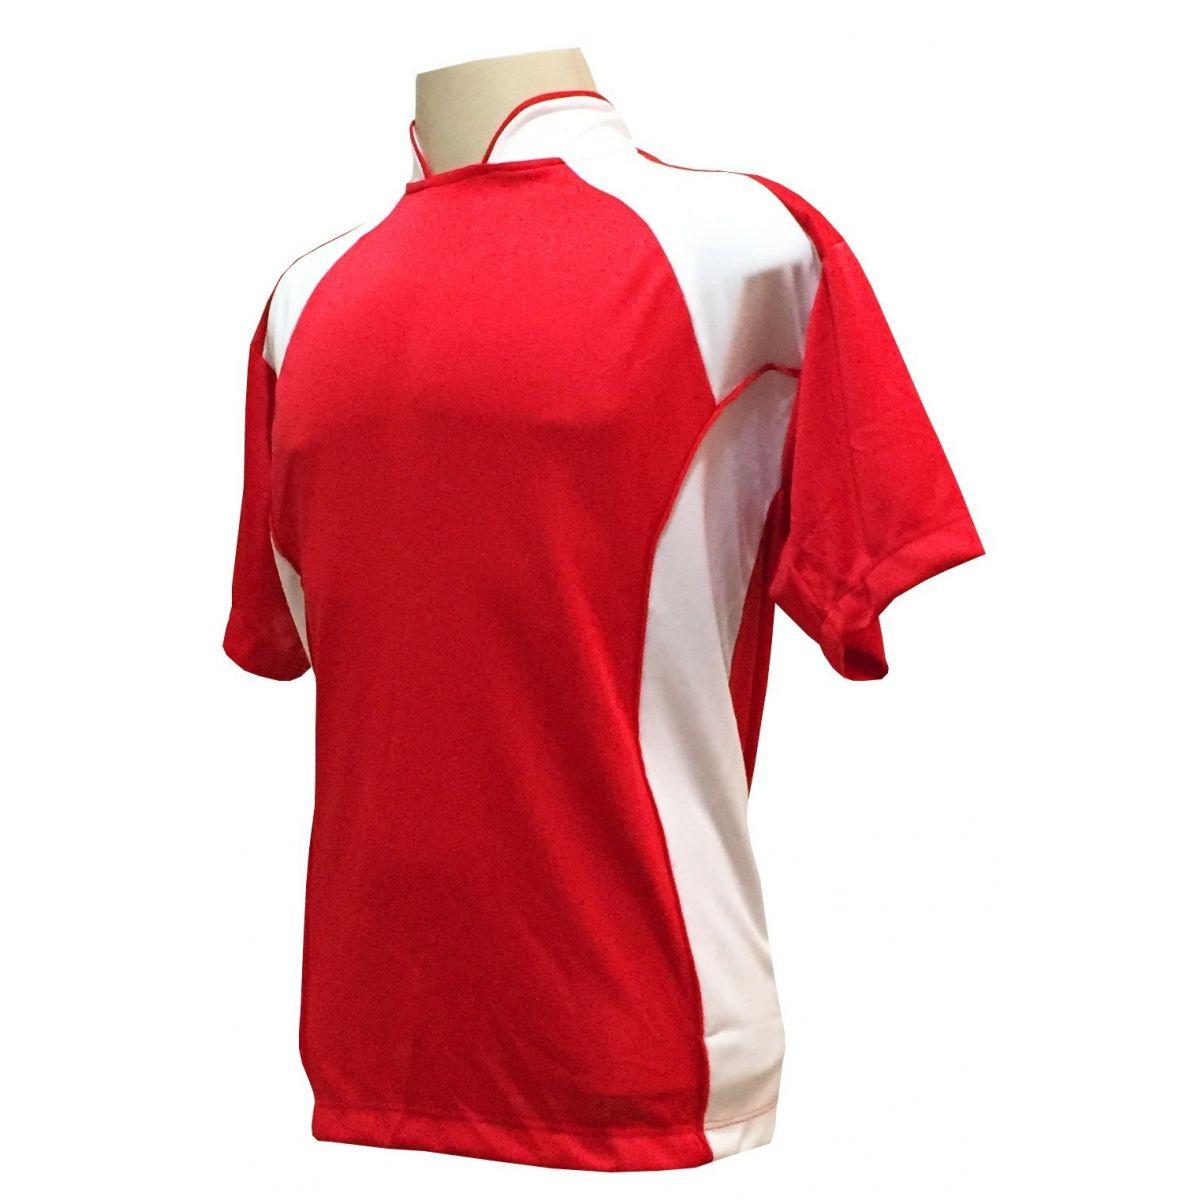 Uniforme Esportivo com 14 camisas modelo Suécia Vermelho/Branco + 14 calções modelo Madrid Vermelho + Brindes